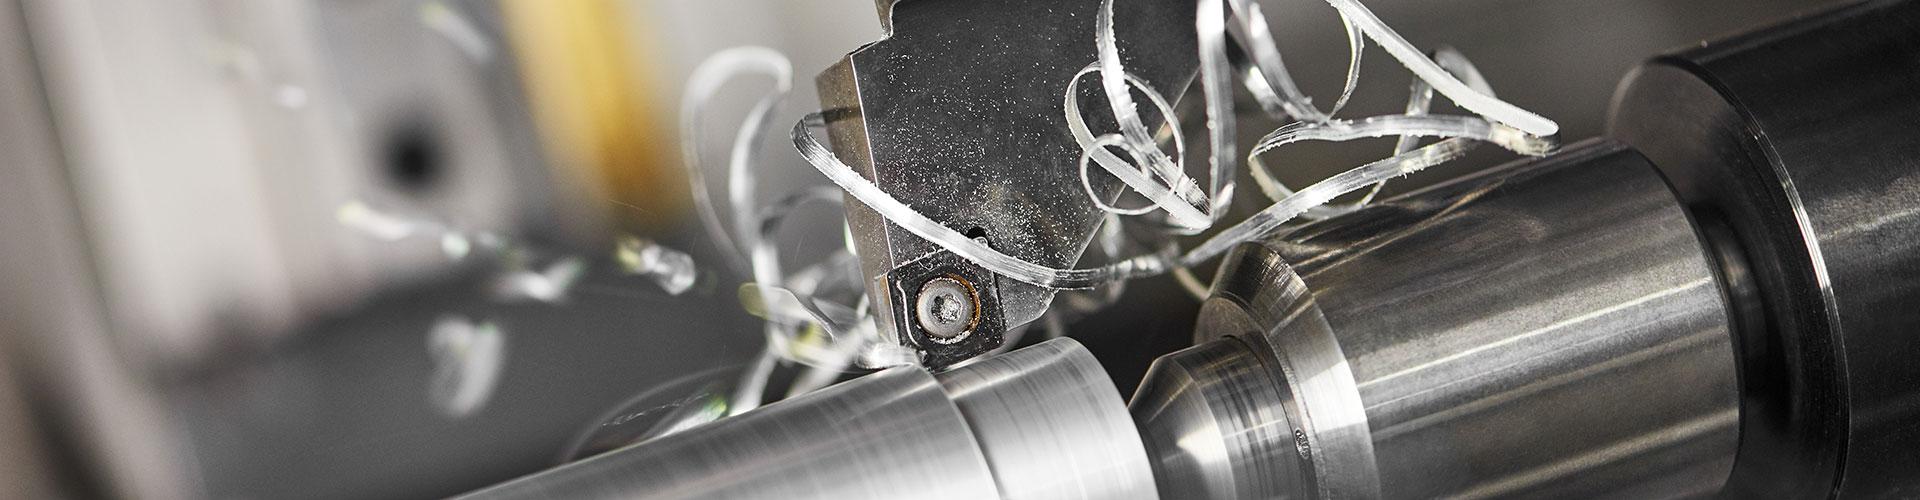 CNC-Drehen eines Werkstücks